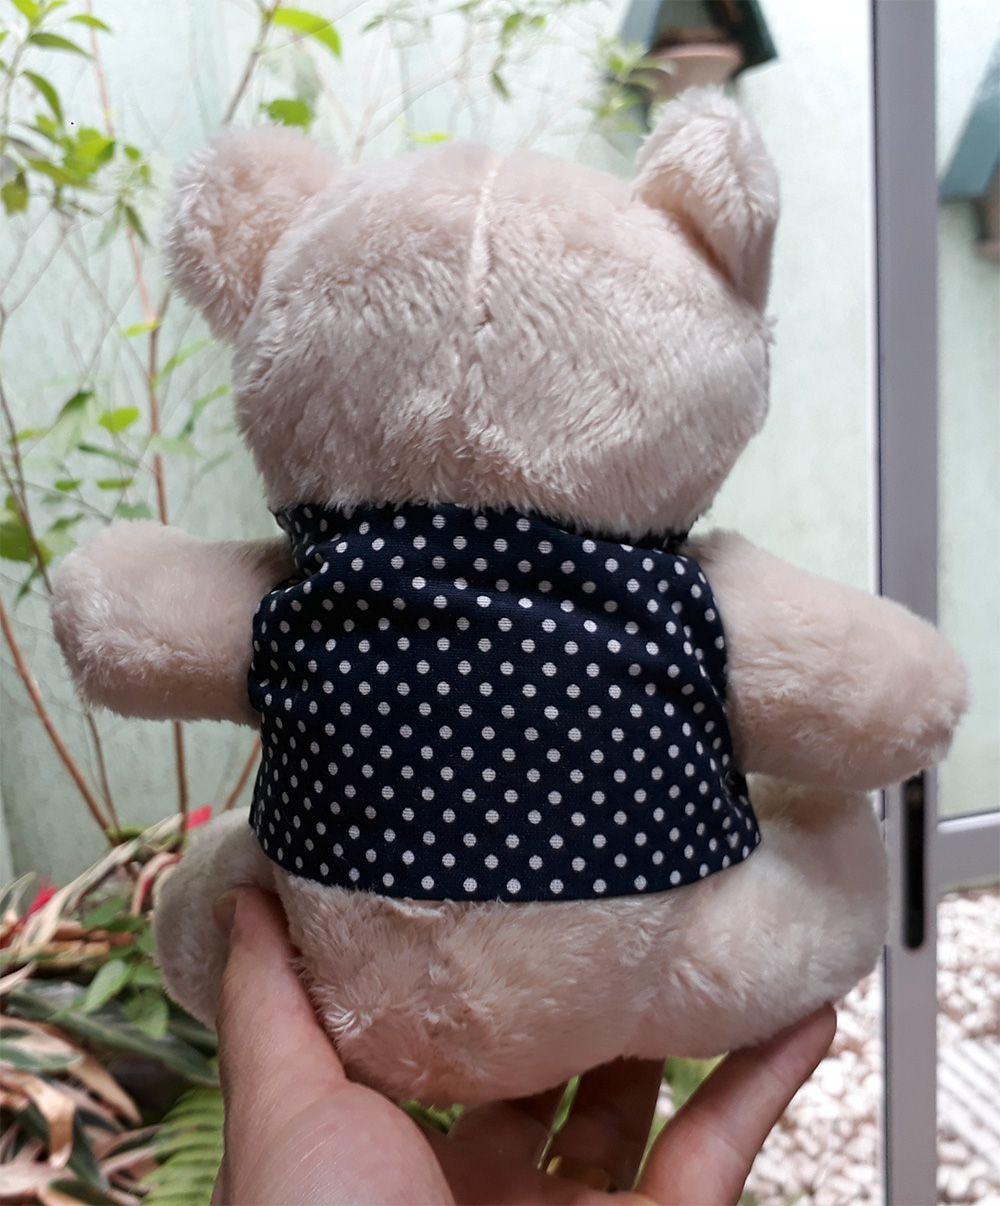 Mini Urso de Pelúcia 20cm com Colete Azul de Bolinhas Ursinho Pequeno para decoração presente aniversário namorados artesanato enfeite quarto nicho decorações festas intantil bebê neném criança